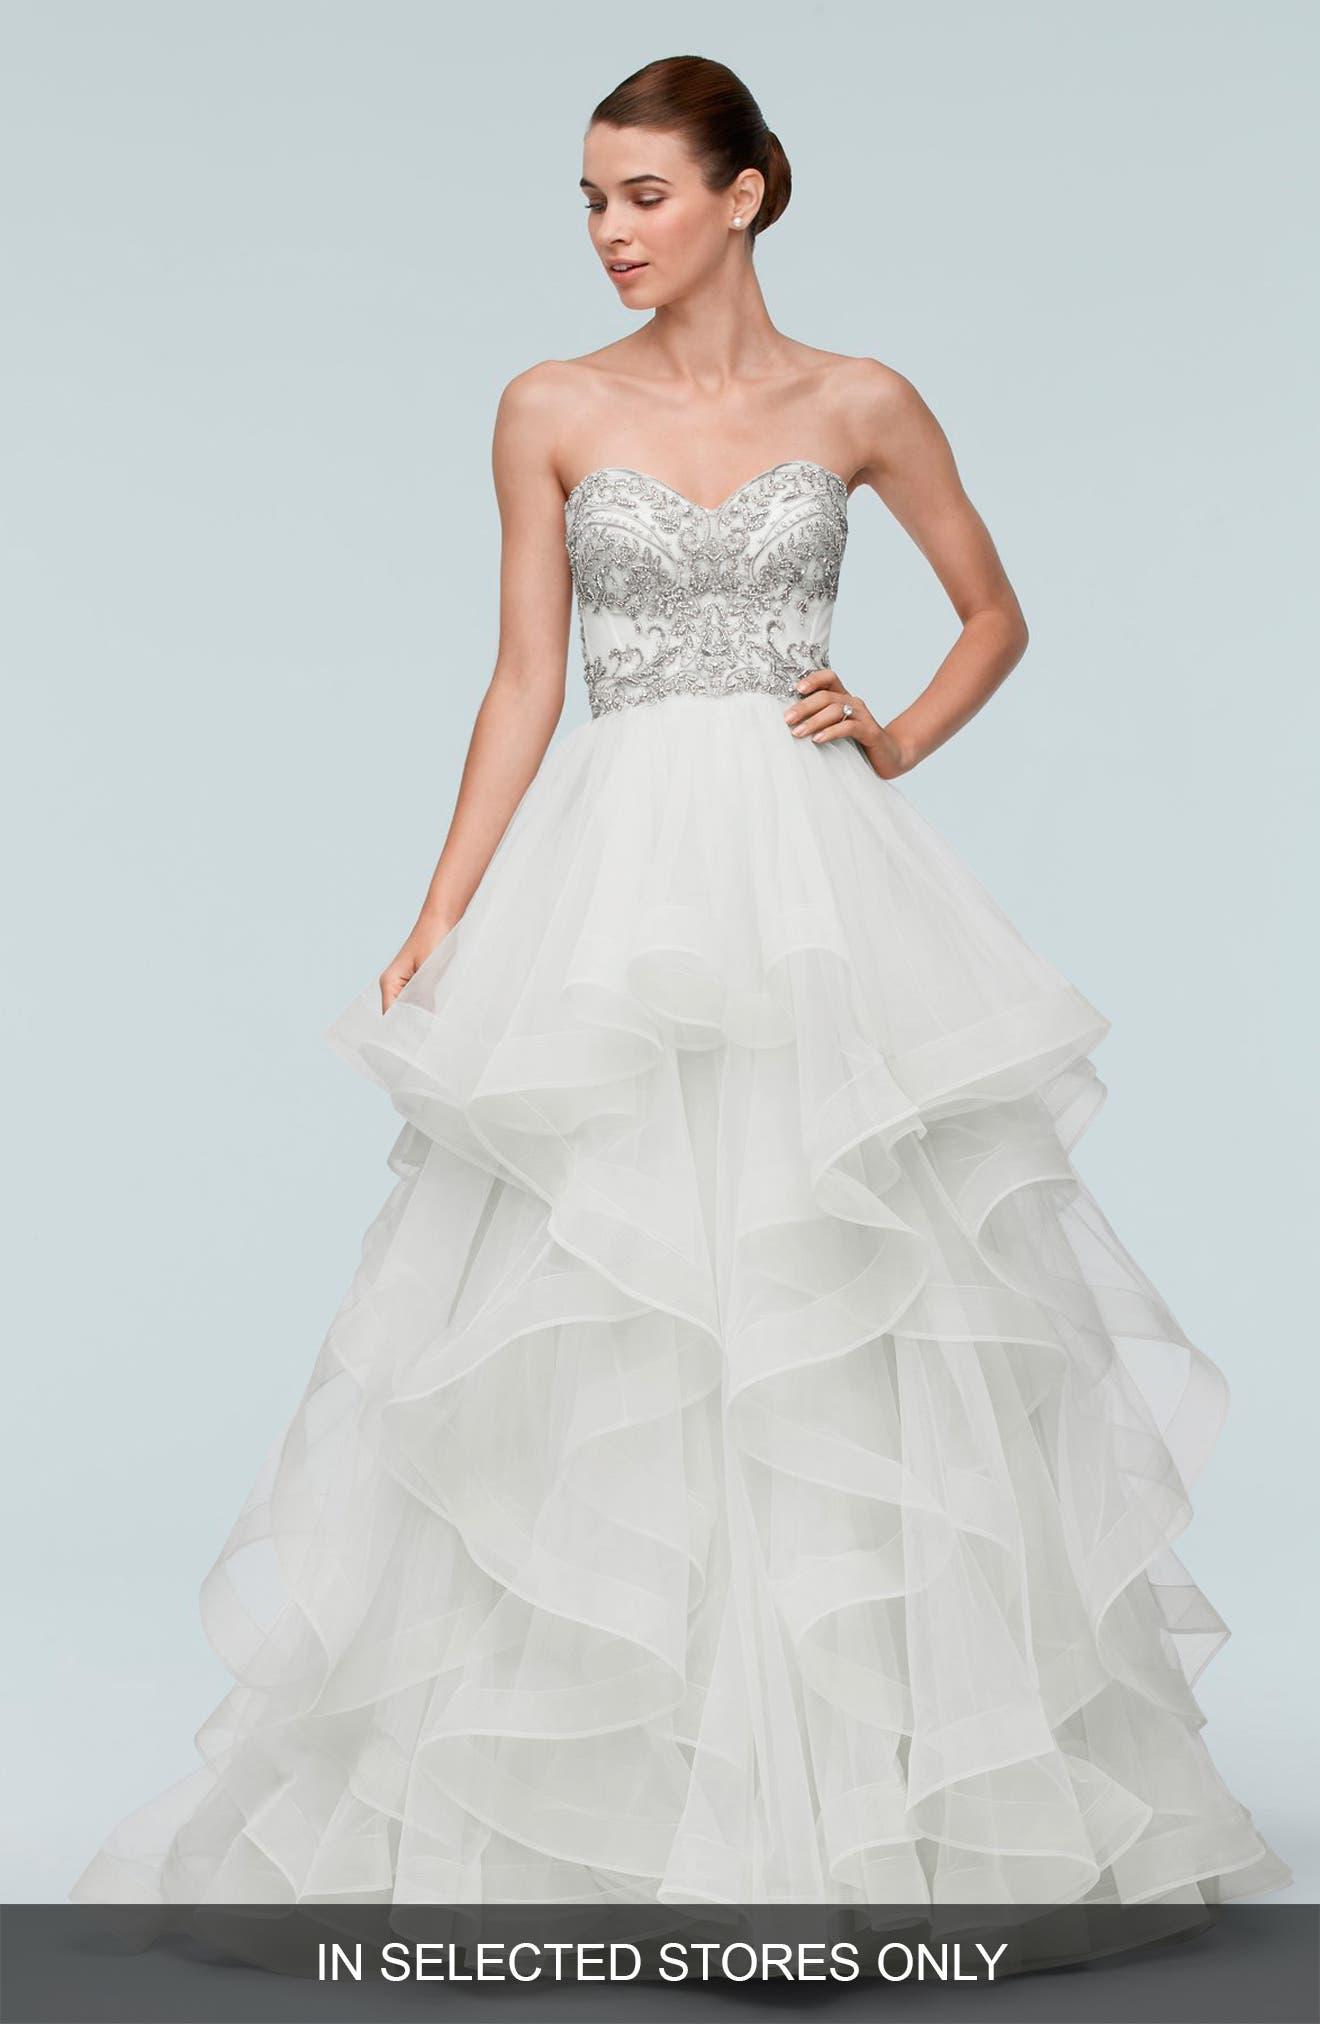 wedding chiffon dress.